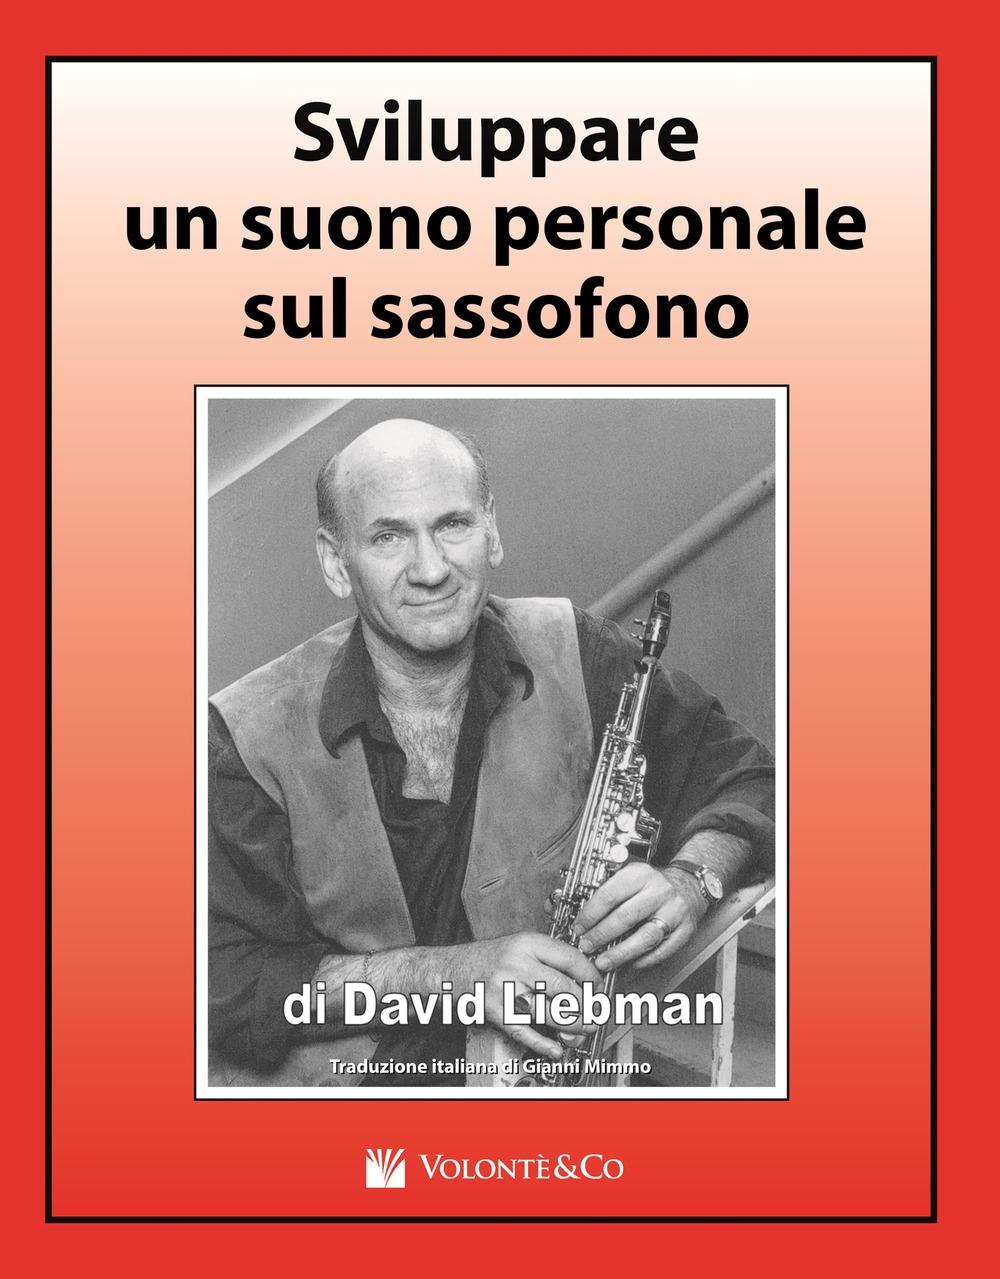 Sviluppare un suono personale sul sassofono.